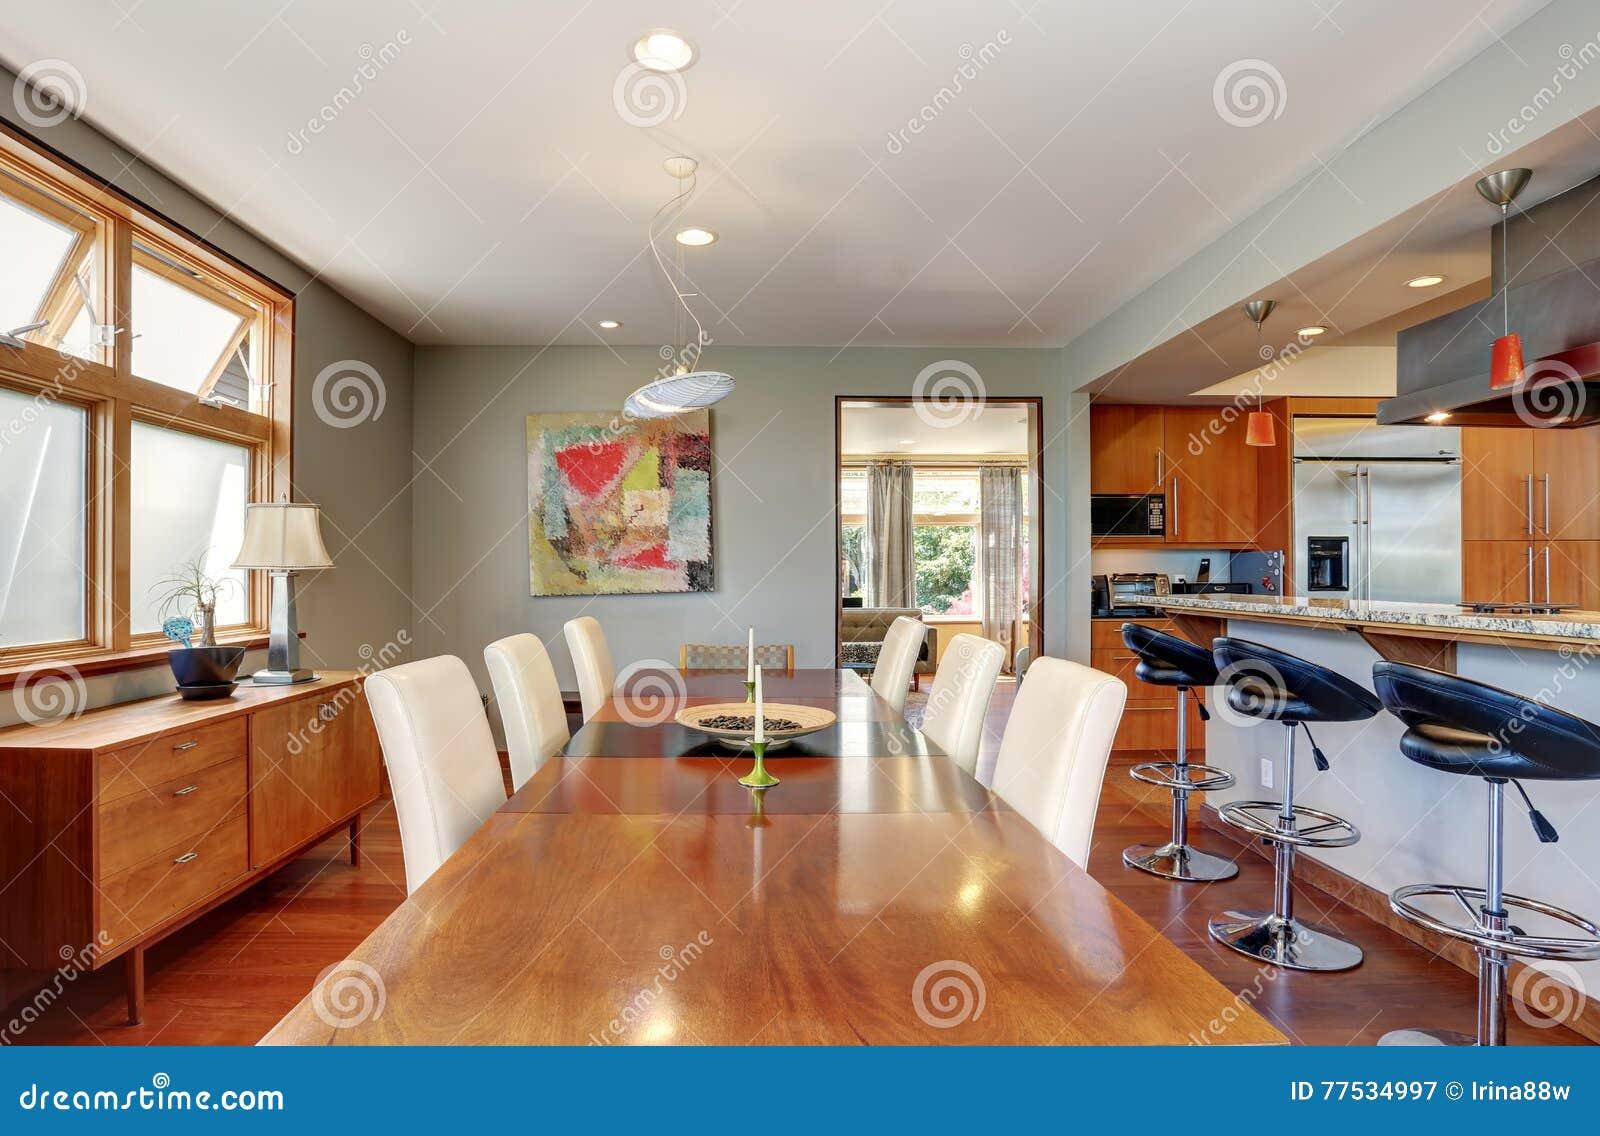 Houten Tafel Met Witte Stoelen.Grote Houten Eettafel Met Witte Stoelen In Comfortabel Huis Stock